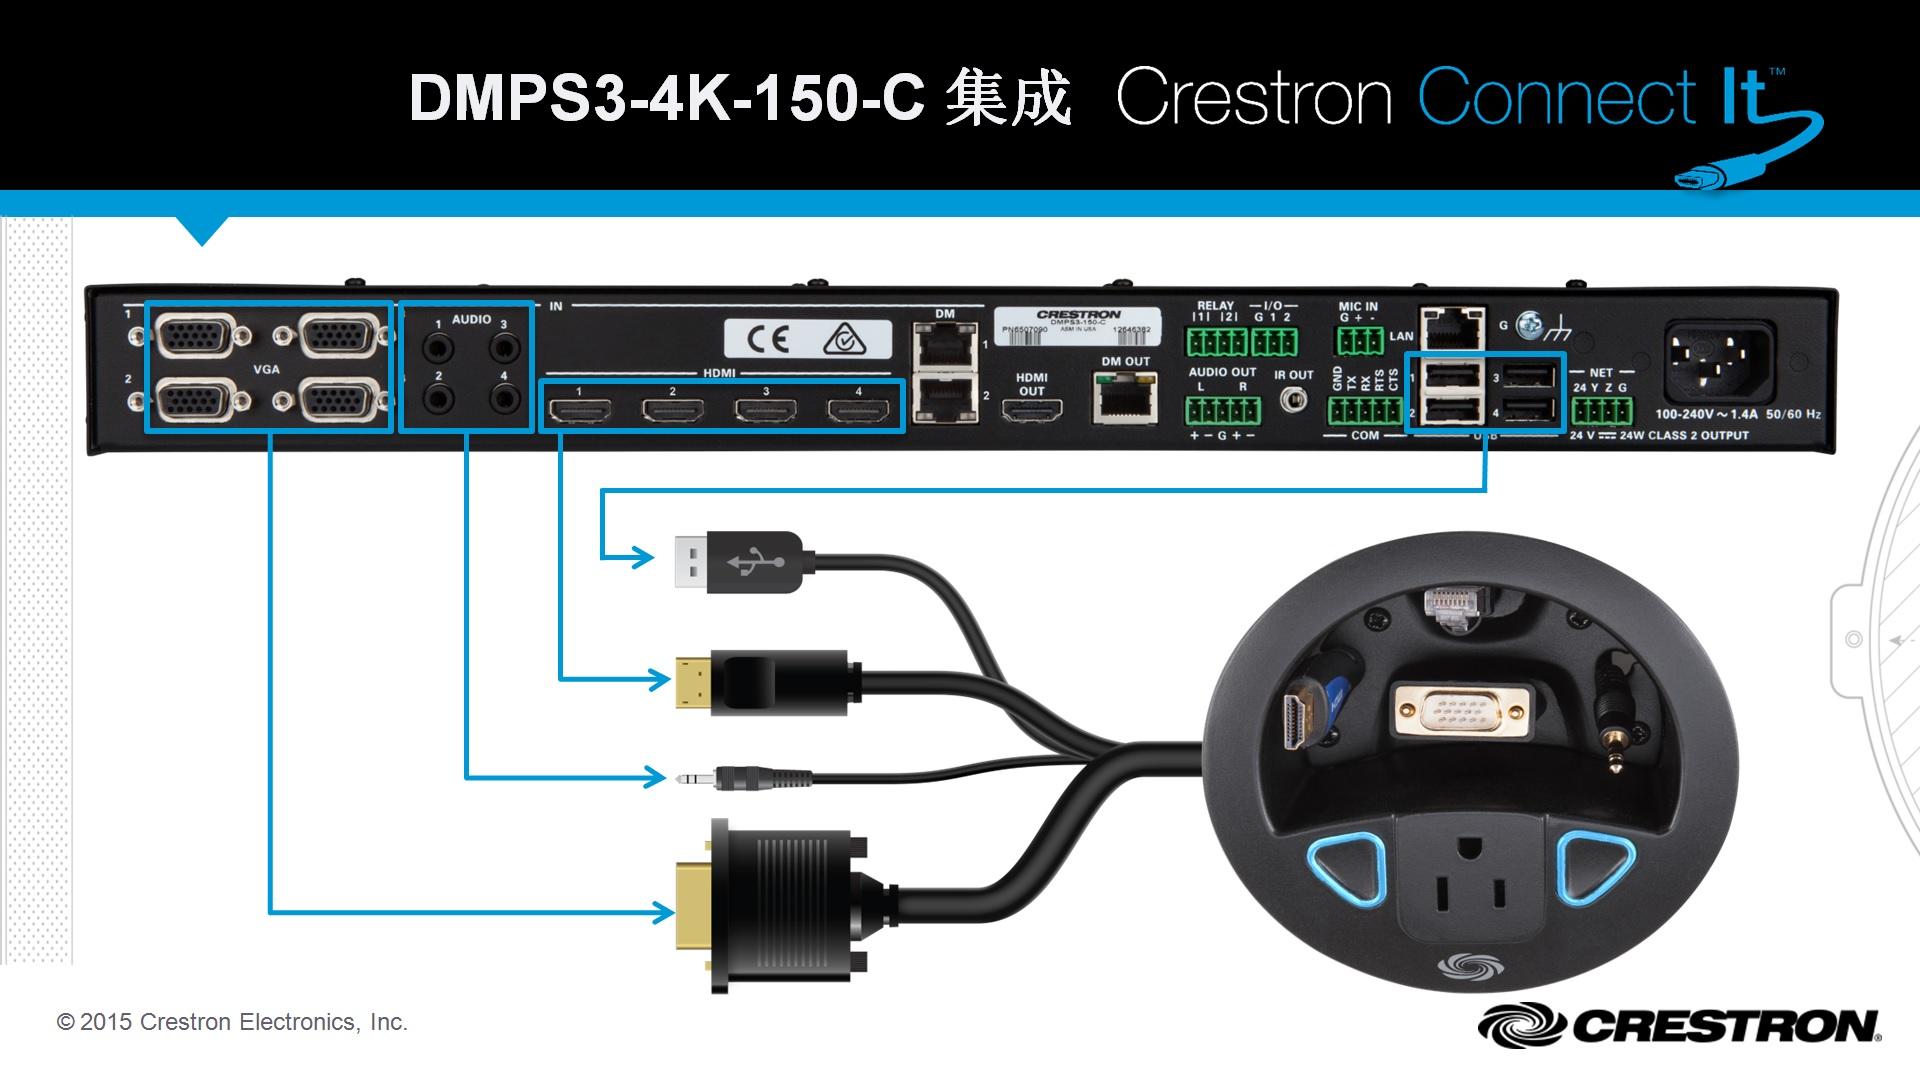 DMPS3-4K-150-C